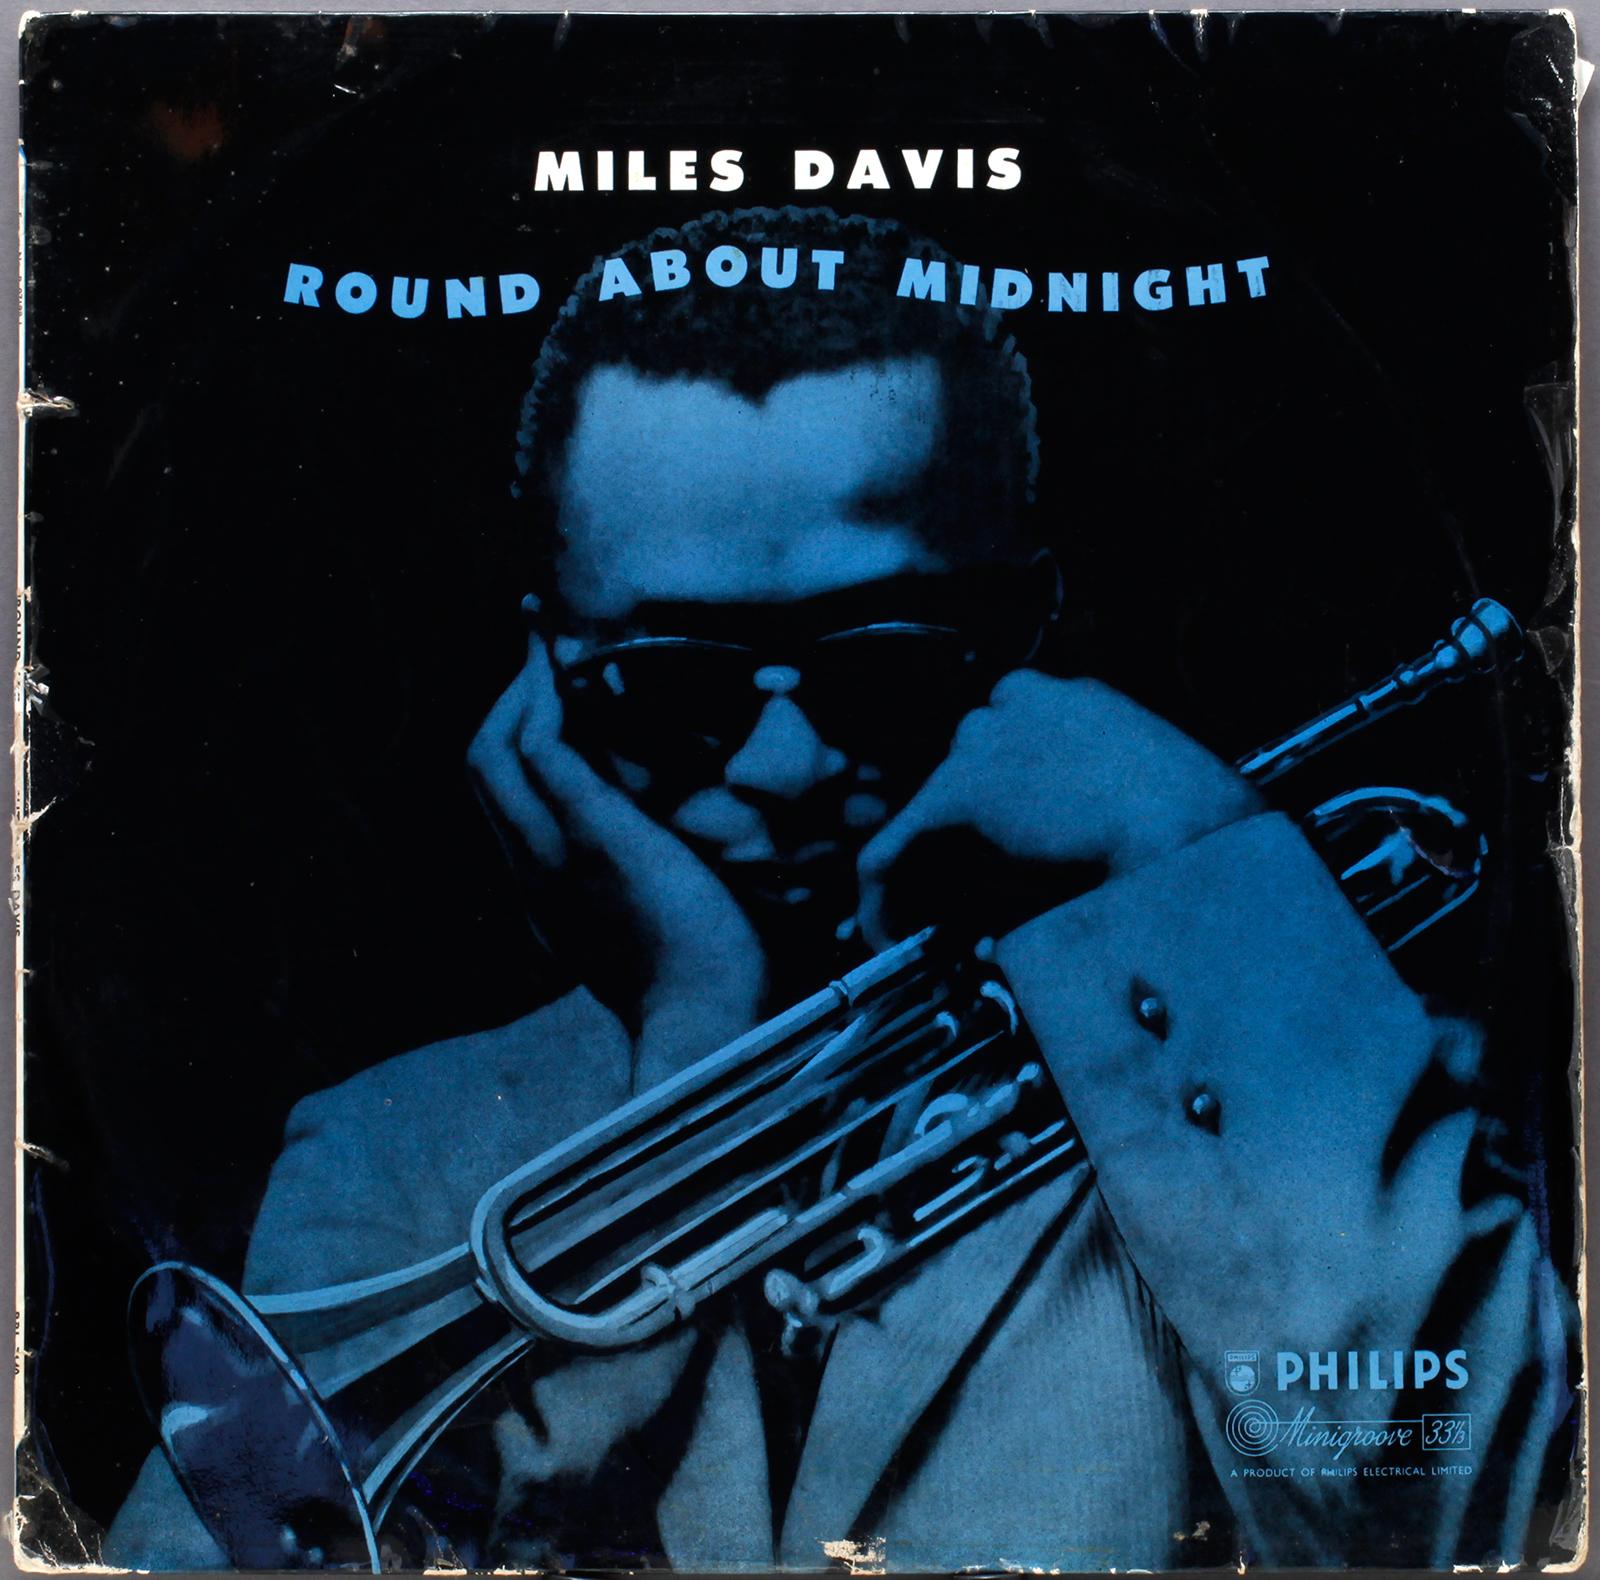 Miles Davis Round About Midnight 1956 Londonjazzcollector